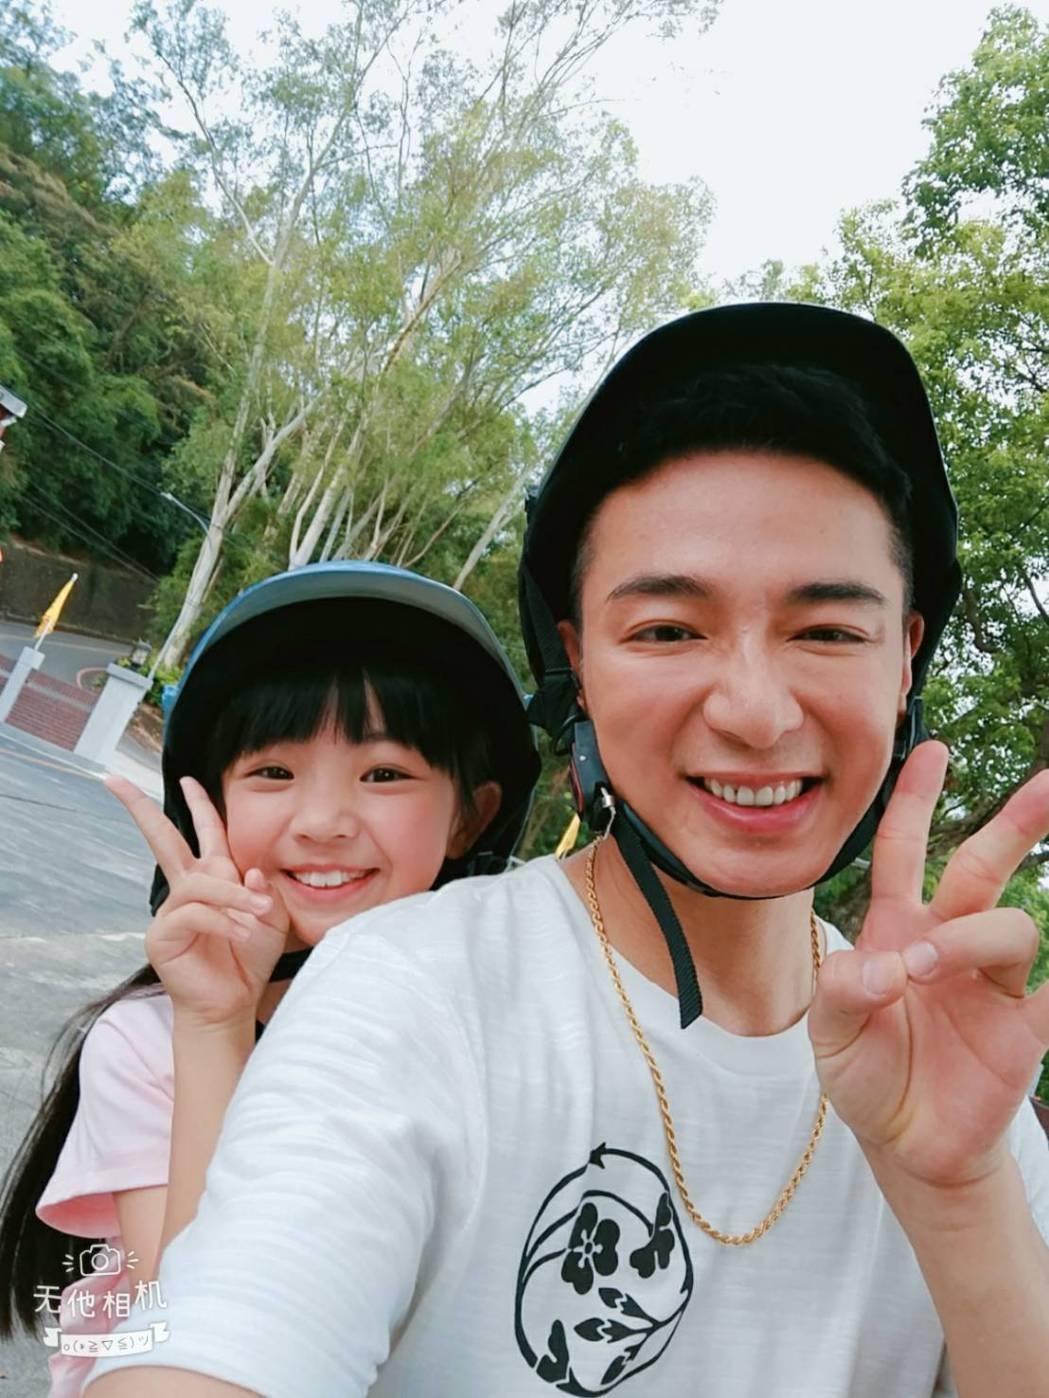 成潤(右)和童星吳以涵在「大時代」戲中互動超可愛。圖/民視提供